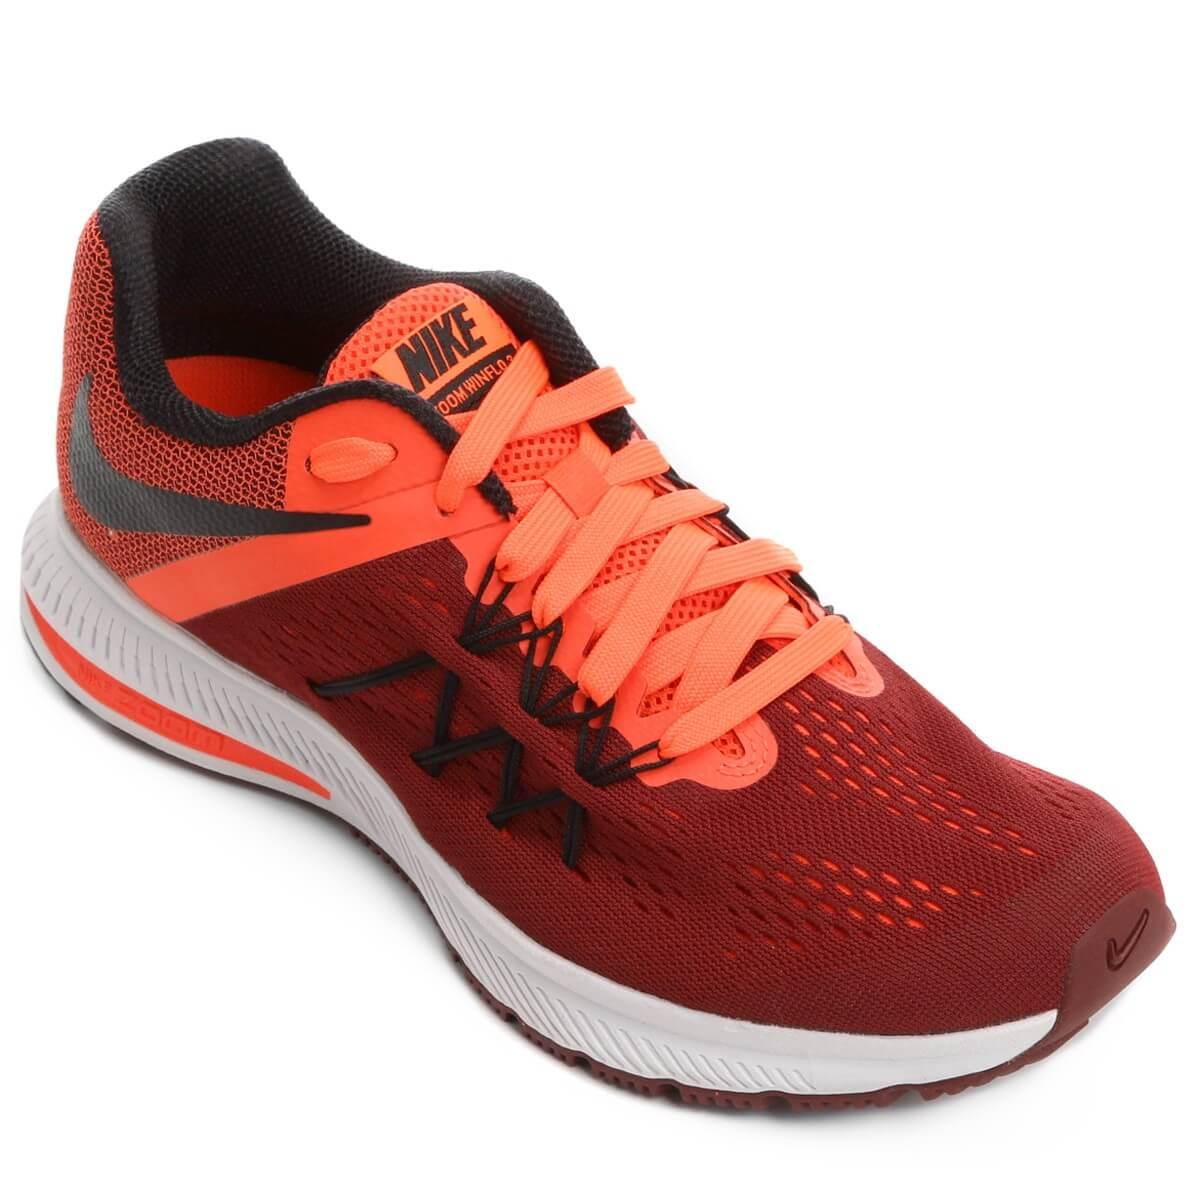 34bff548958 Tênis Nike Zoom Winflo 3 Masculino - Decker Online!